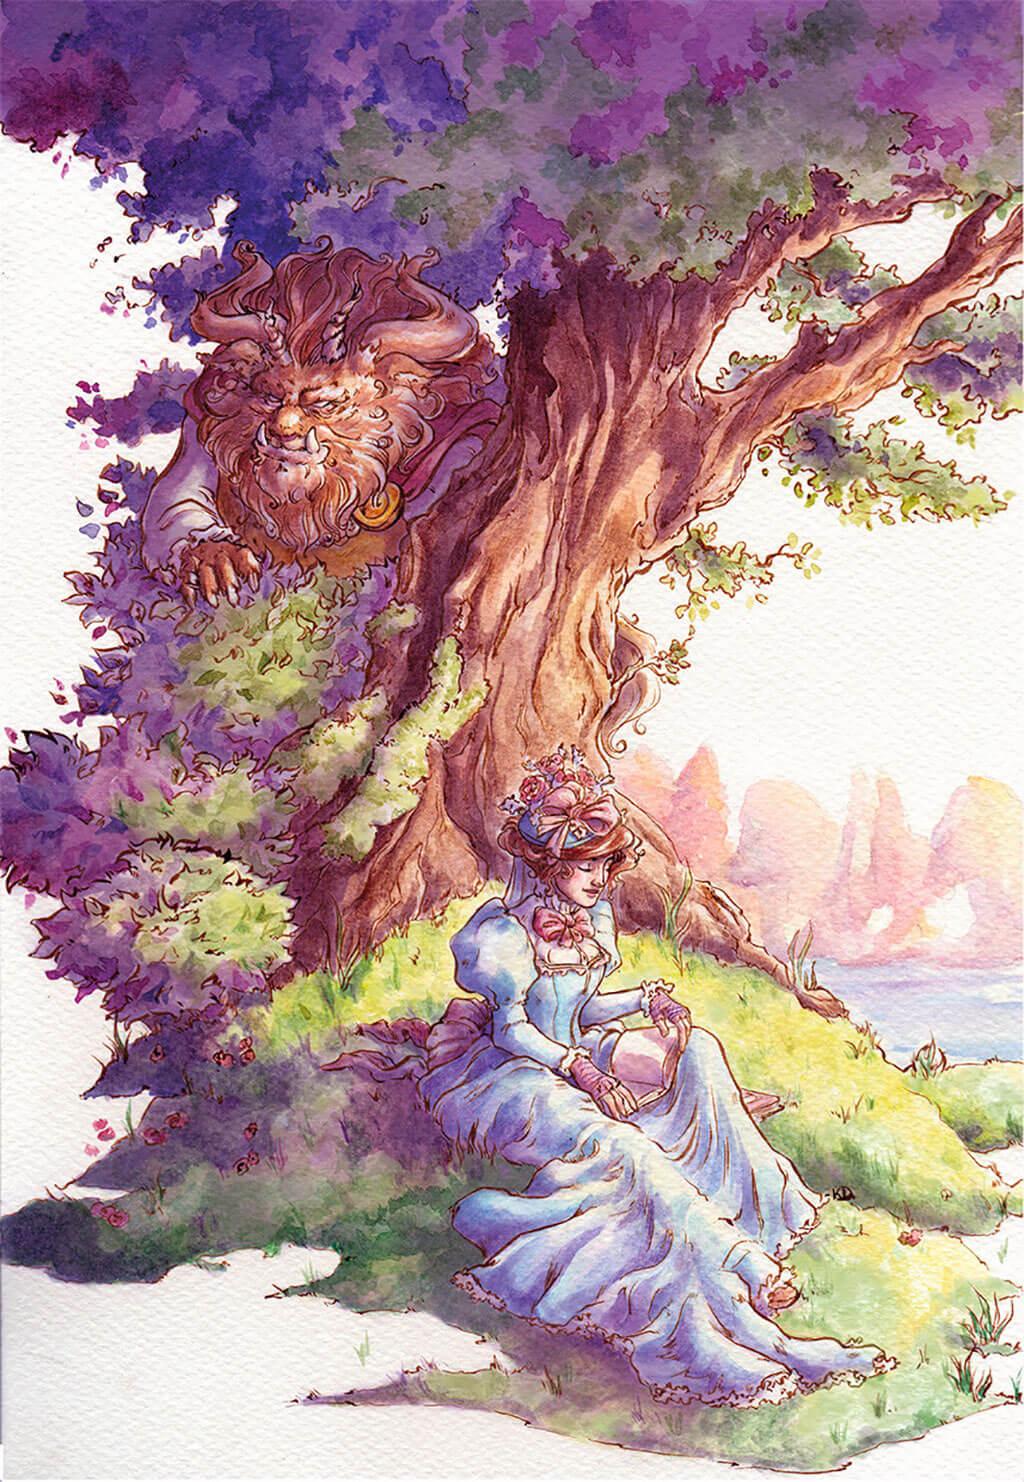 Beauty and the Beast Fan Art by Kathleen Deleon